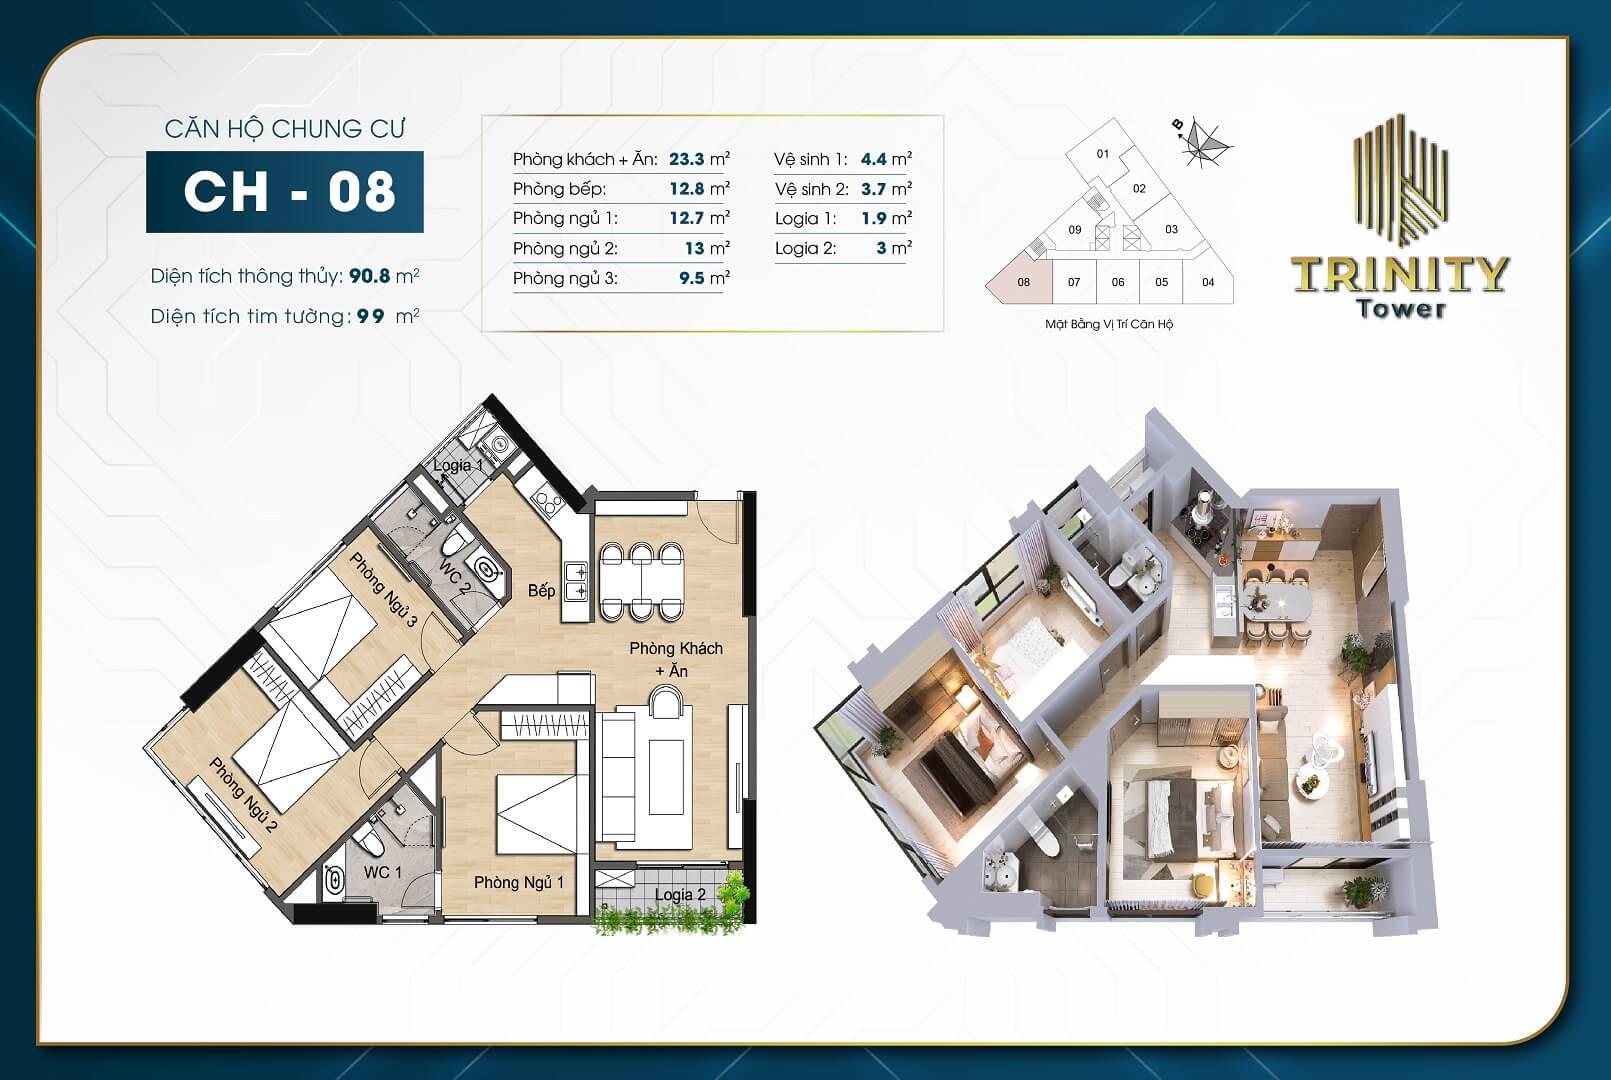 thiết kế chung cư trinity tower căn hộ 08